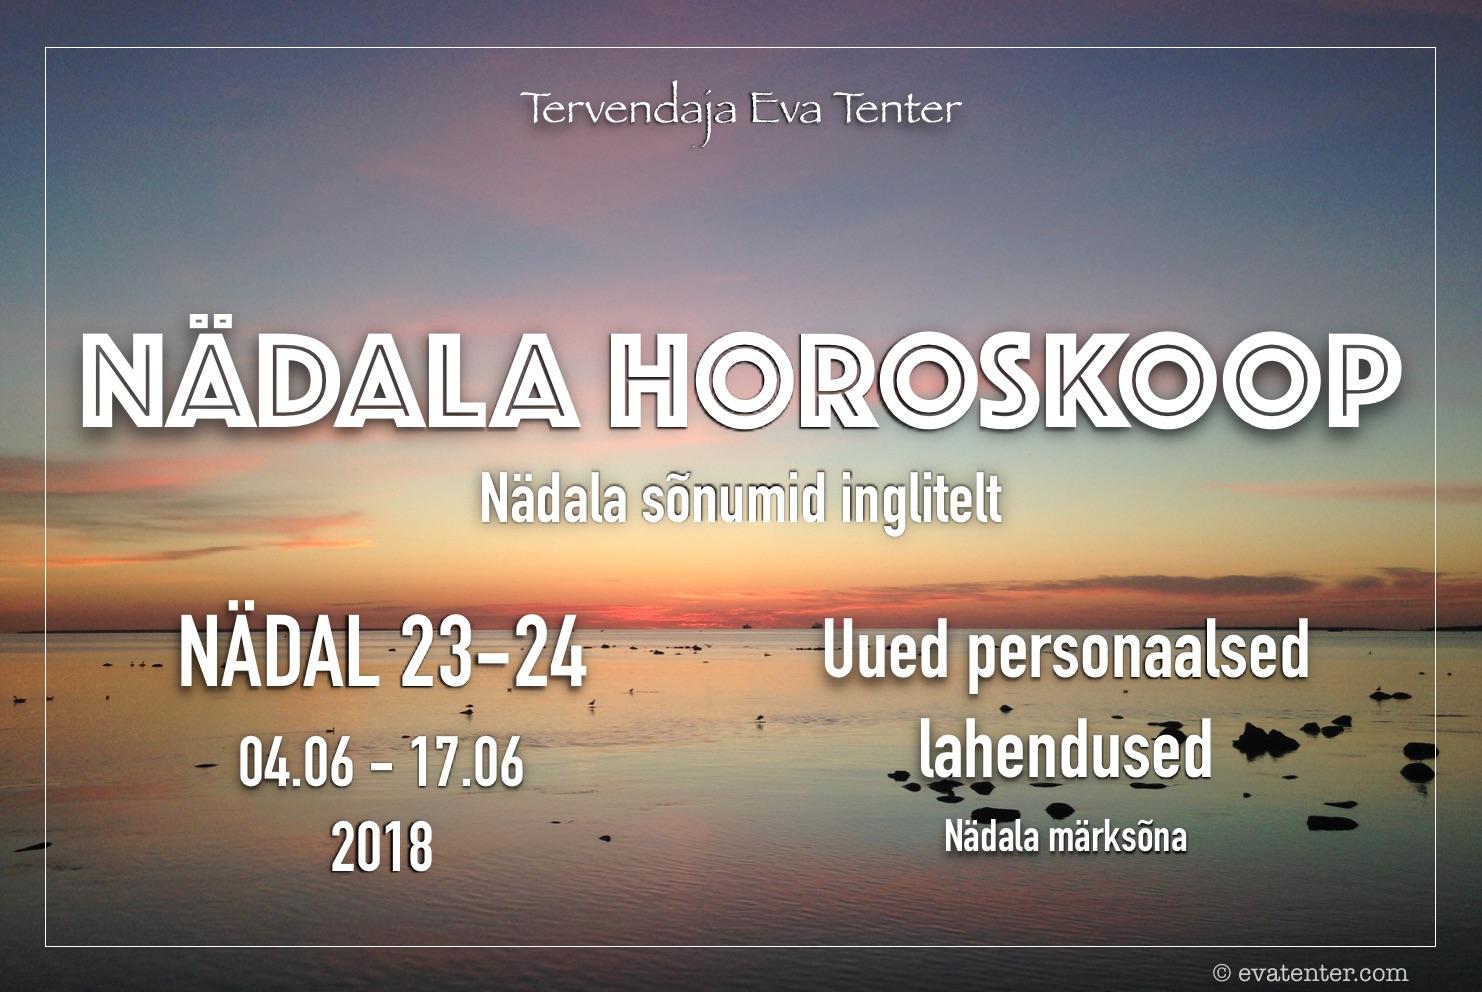 Nädala horoskoop 04.06-17.06.2018